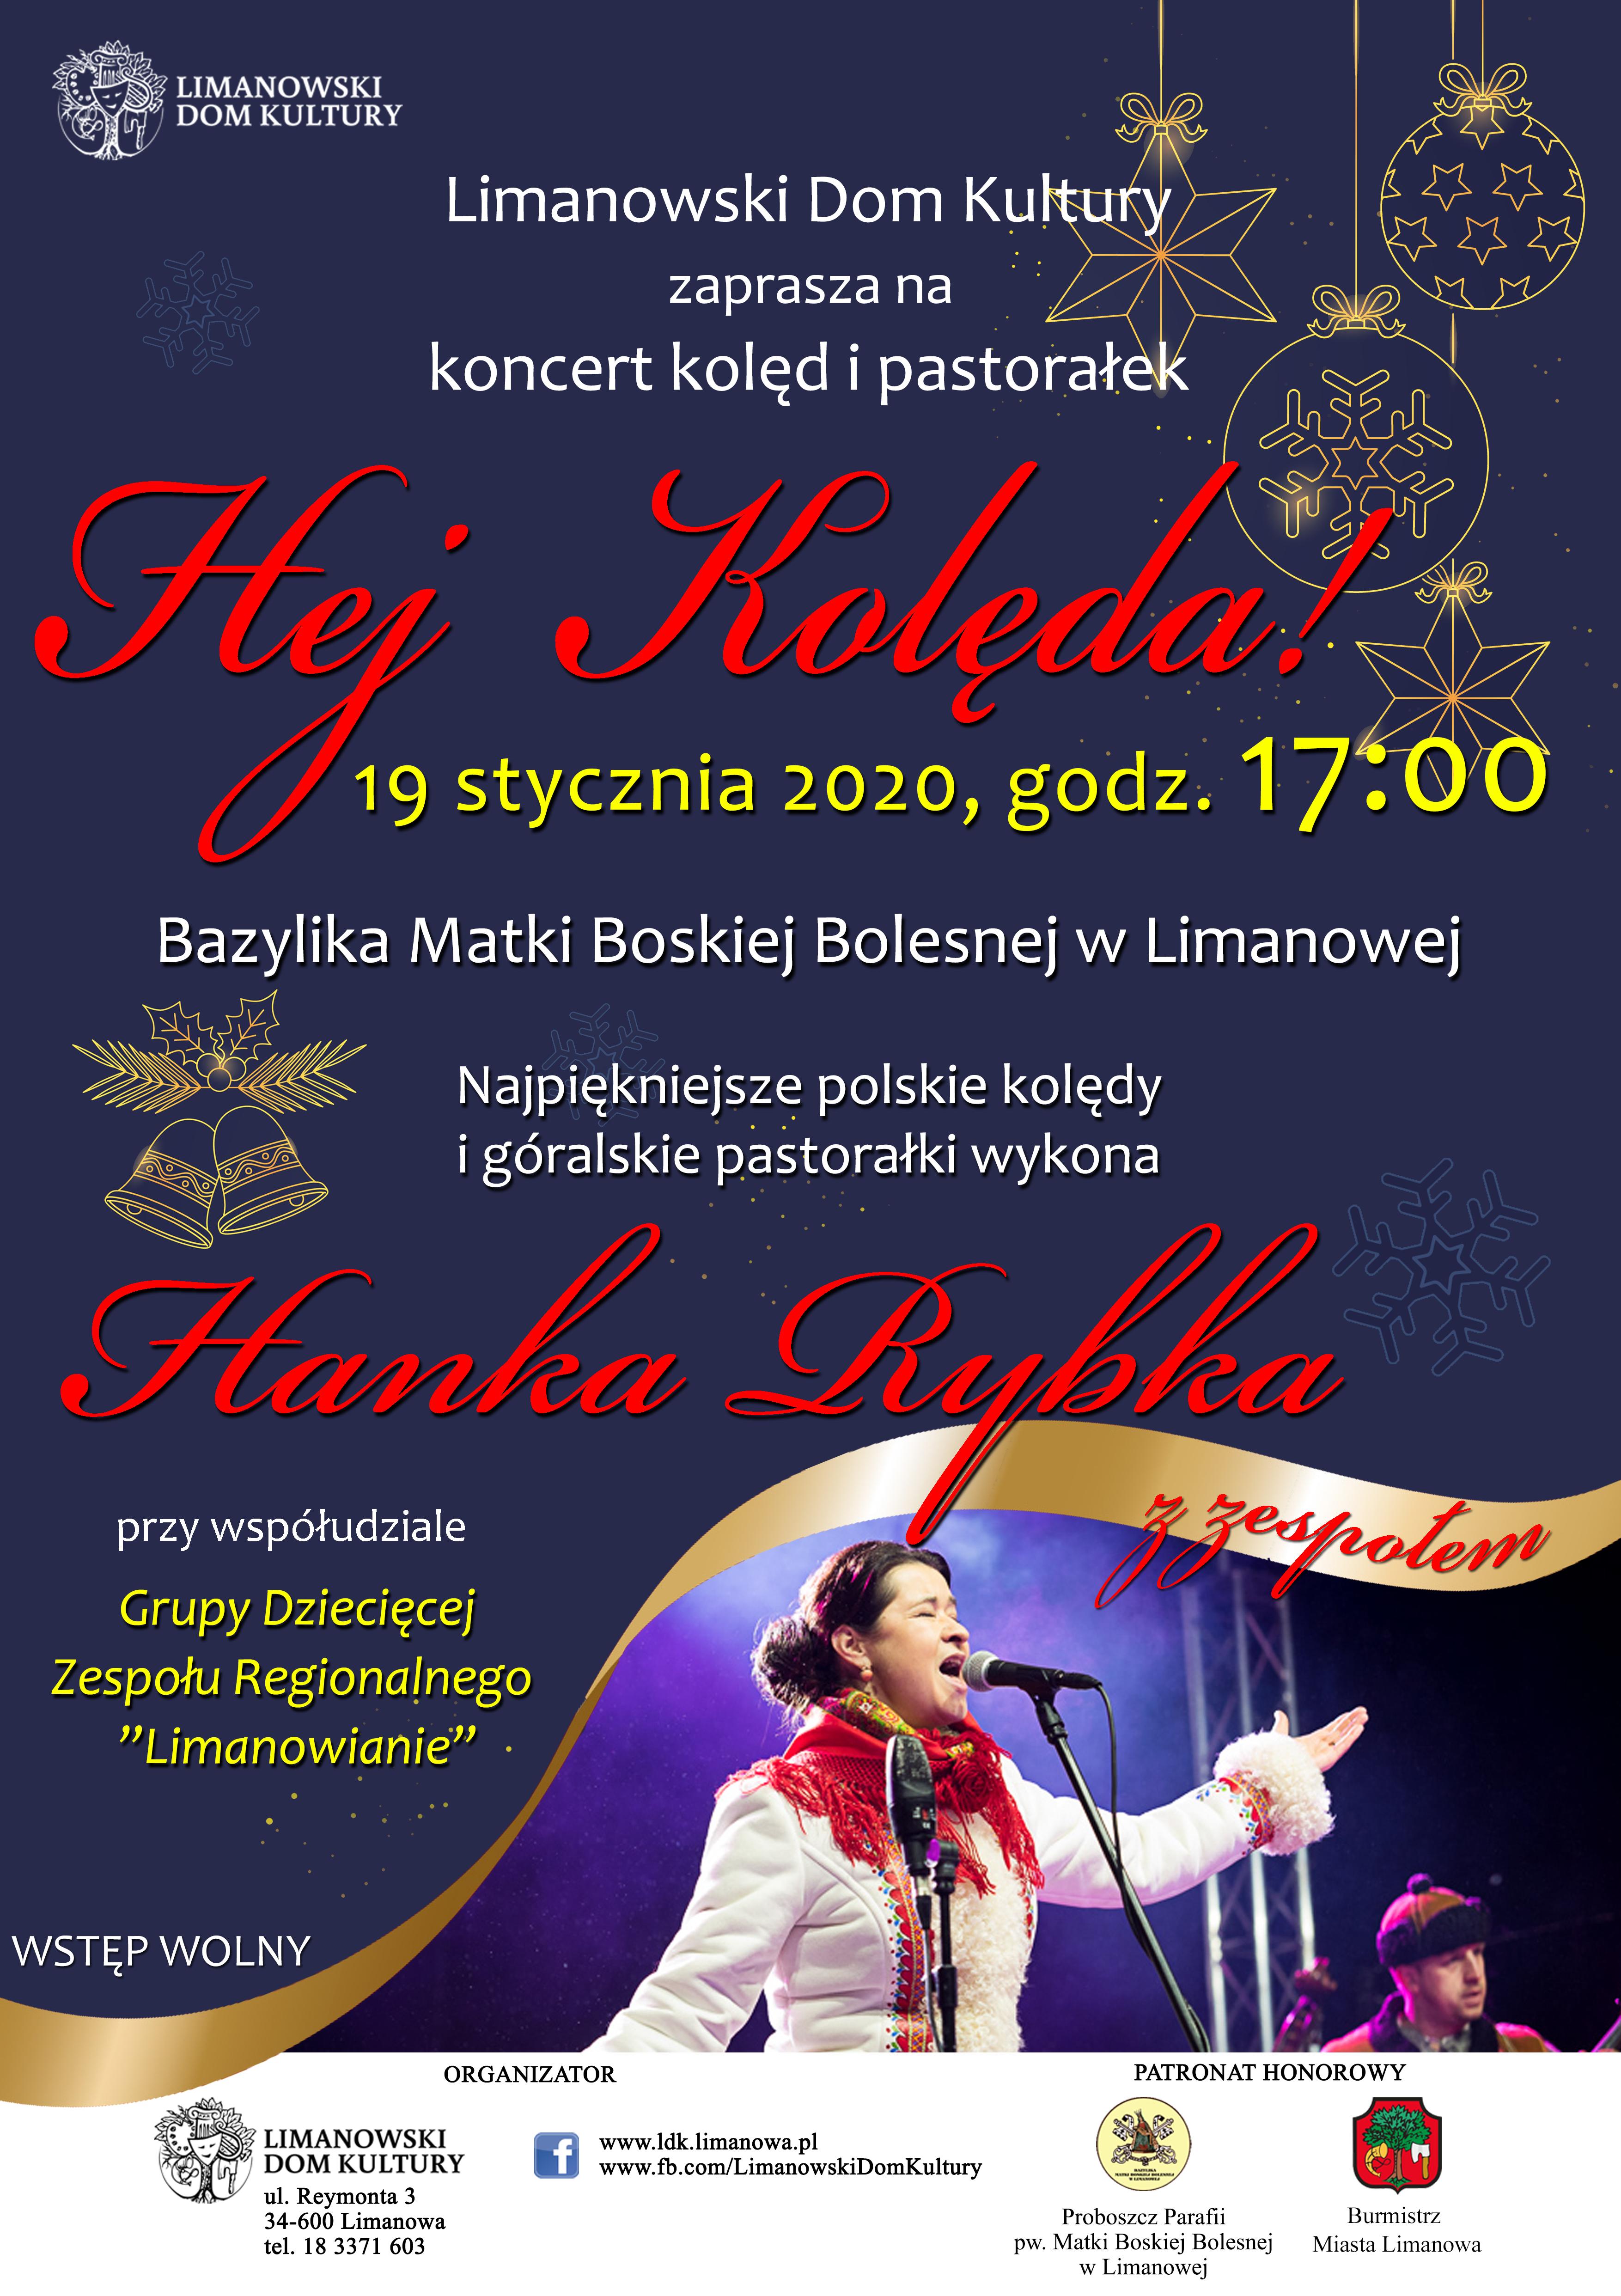 """Koncert """"Hej kolęda!"""" 19.01. Limanowa - zaproszenie"""